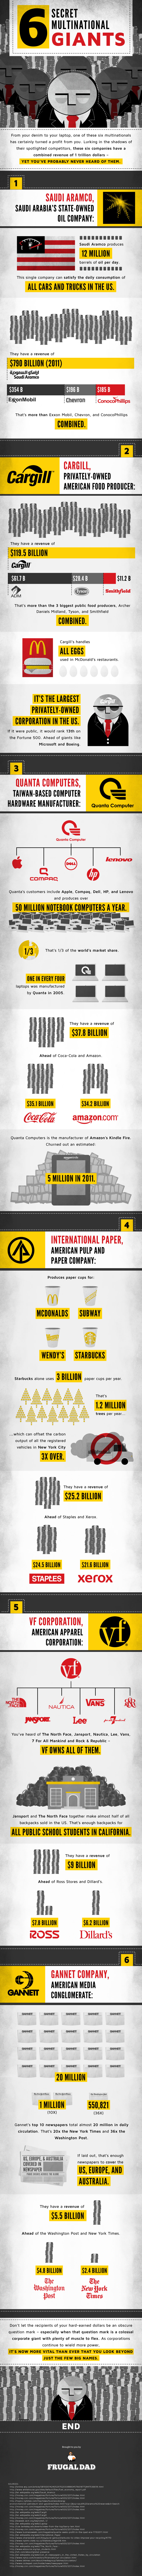 6 secretos de las grandes multinacionales